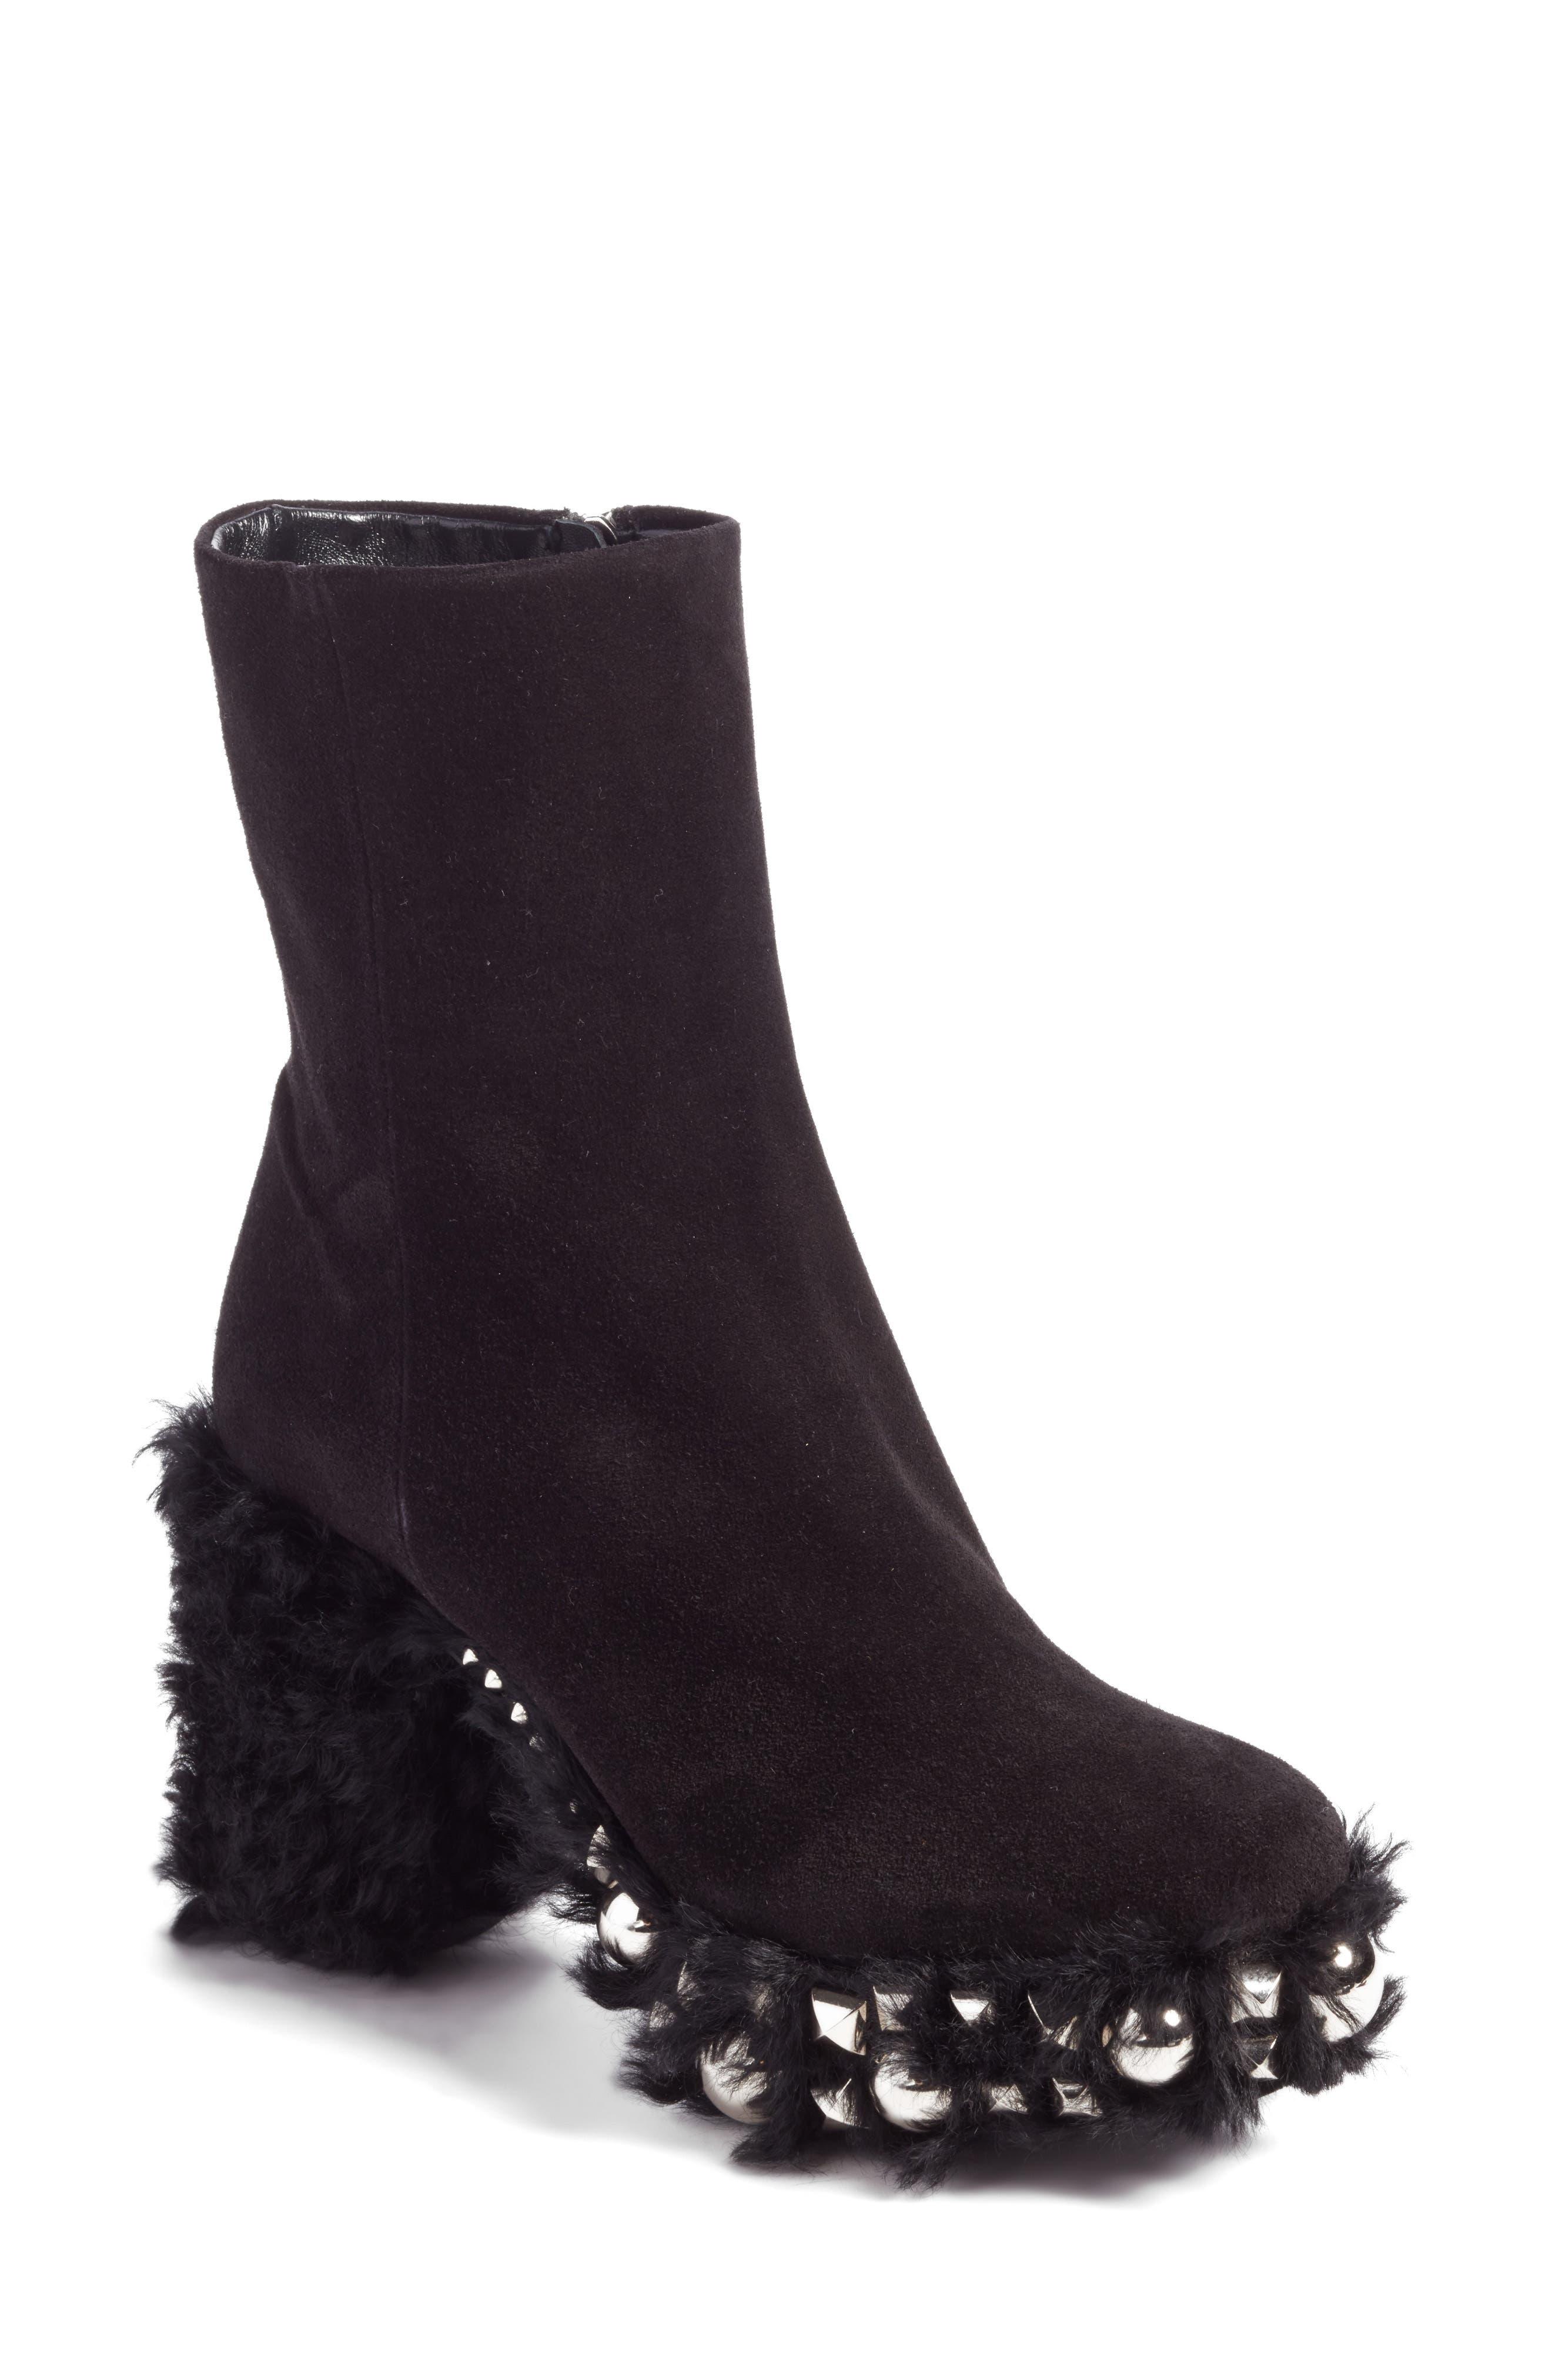 Miu Miu Studded Wool Trim Platform Bootie (Women)